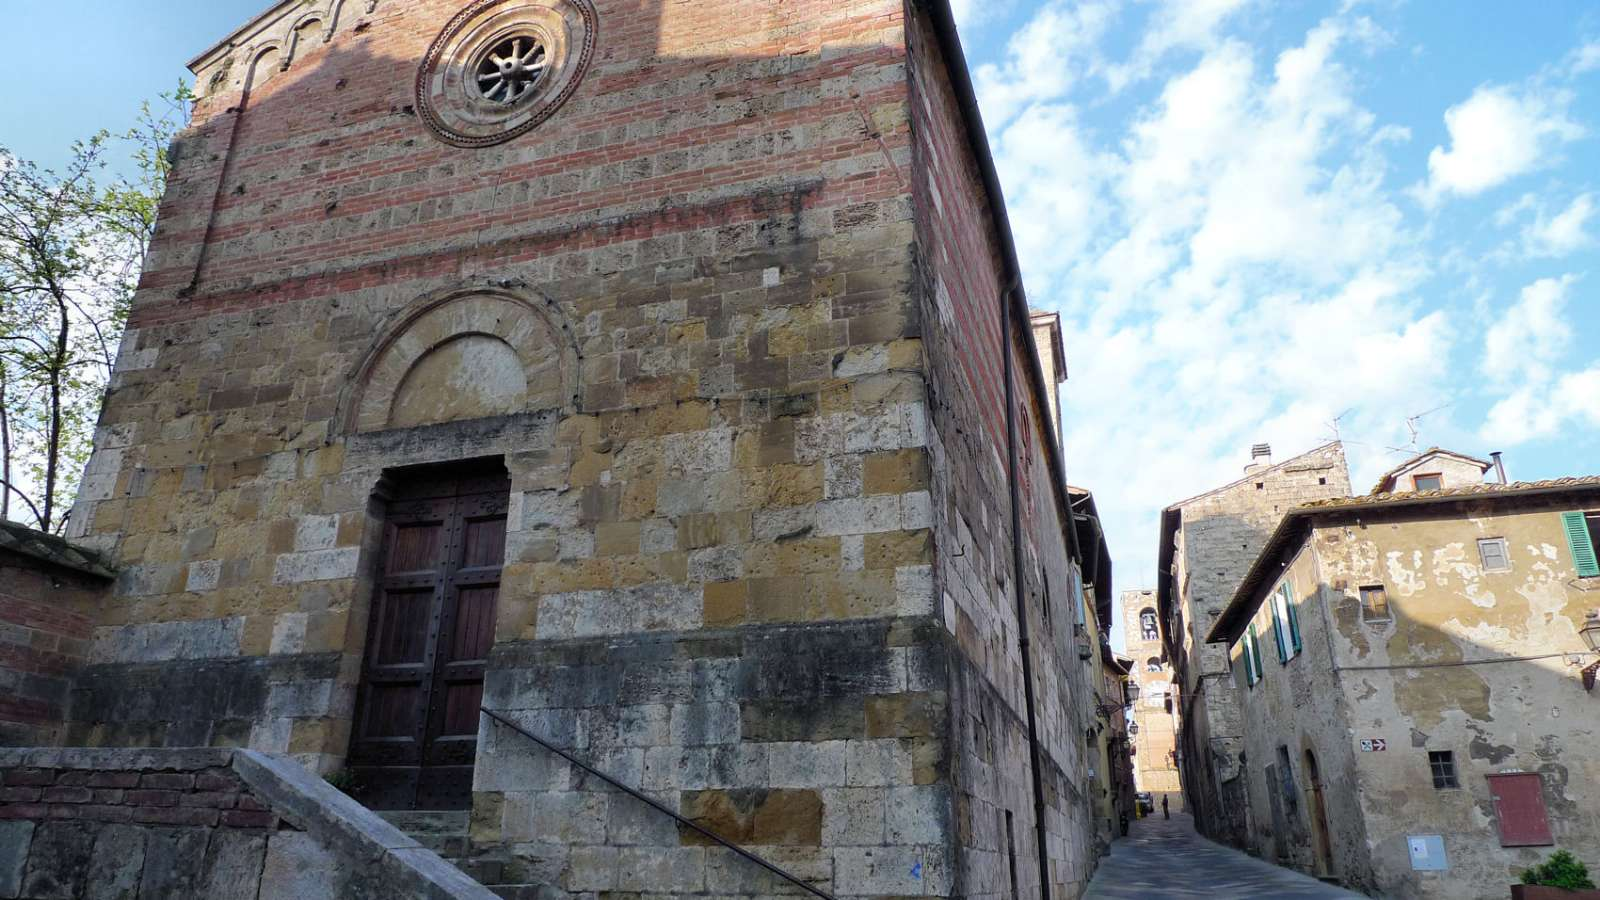 Die mittelalterliche Kirche Santa Maria in Canonica